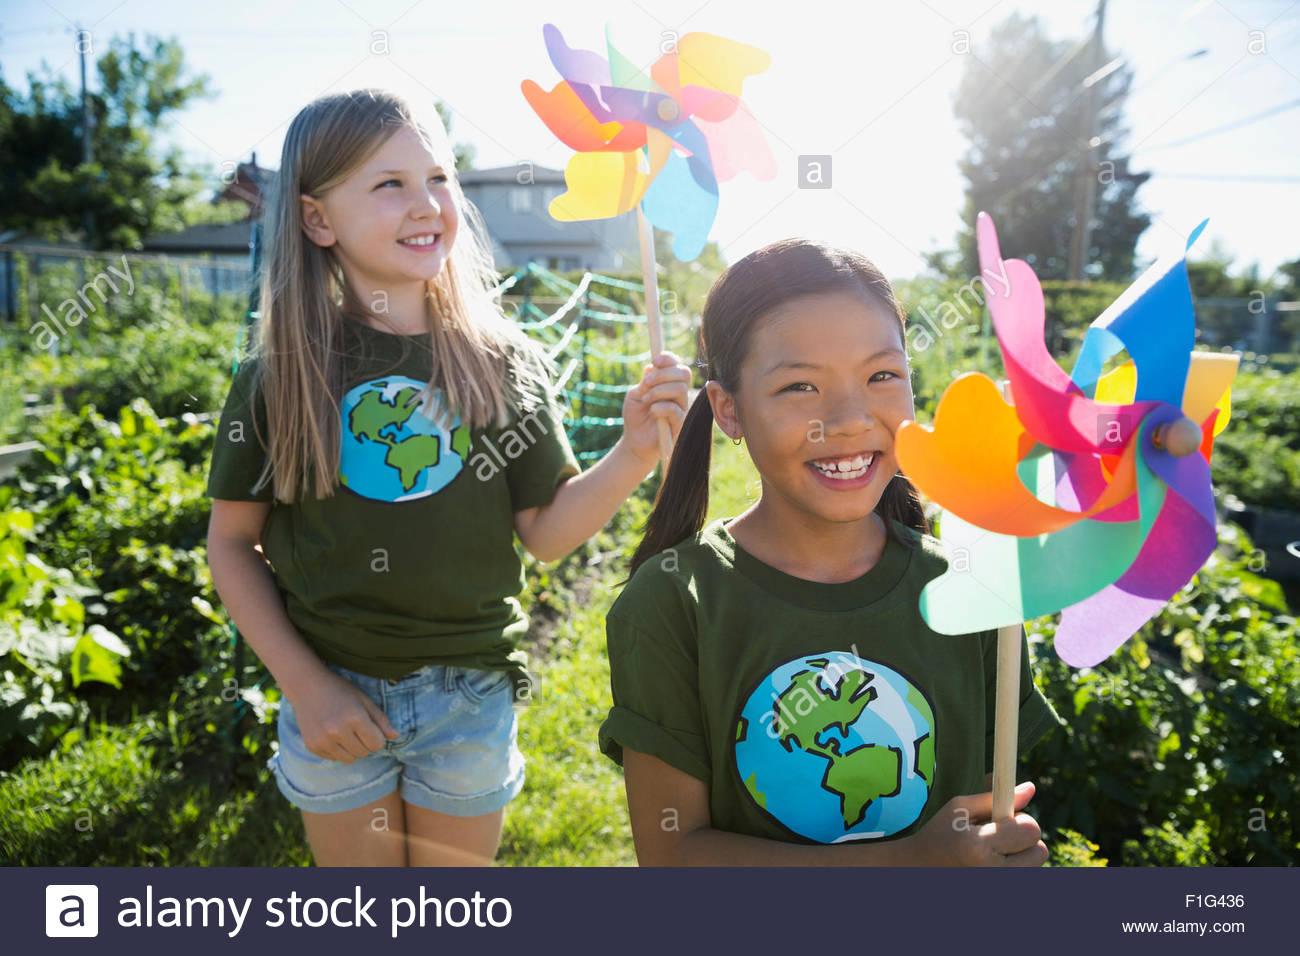 Retrato de niñas sonrientes con molinetes en el soleado jardín Imagen De Stock